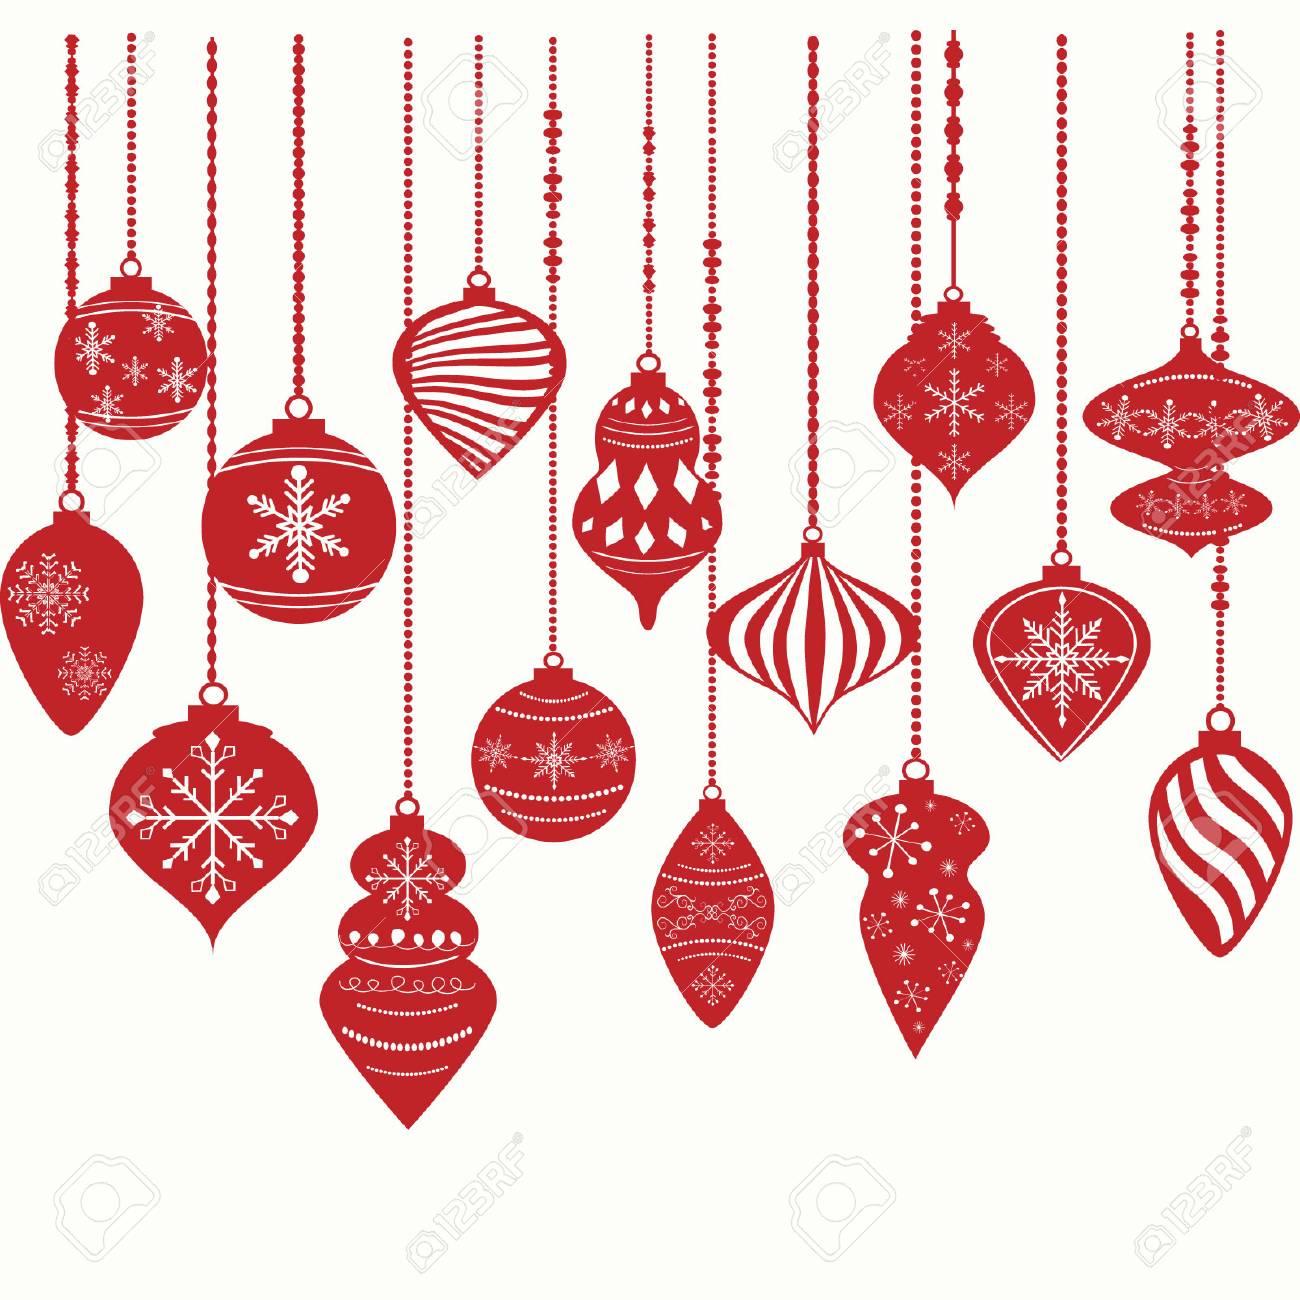 Christmas Ornament Vector.Christmas Ornaments Christmas Balls Decorations Christmas Hanging